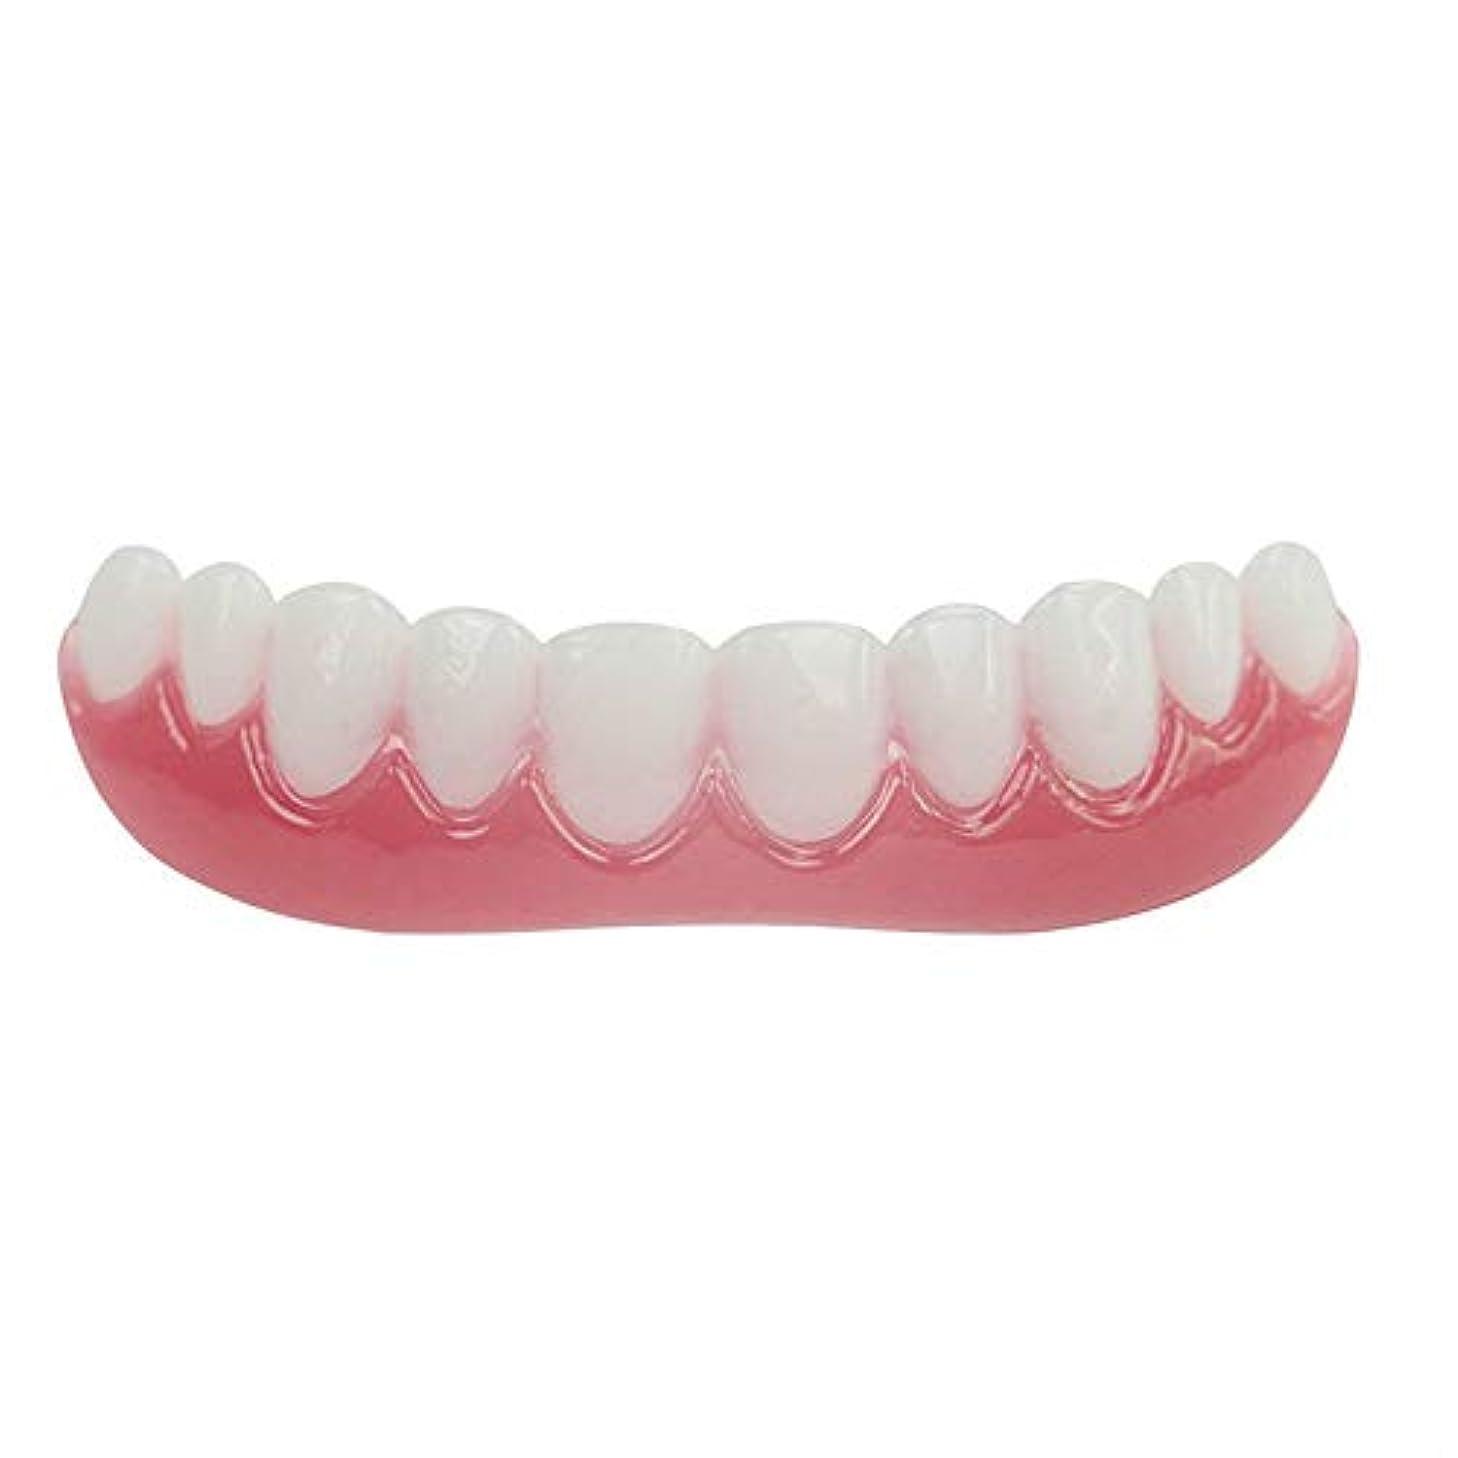 古代マウンドめまいがシリコンシミュレーション義歯、歯科用ベニヤホワイトトゥースセット(1個),Boxed,Lower